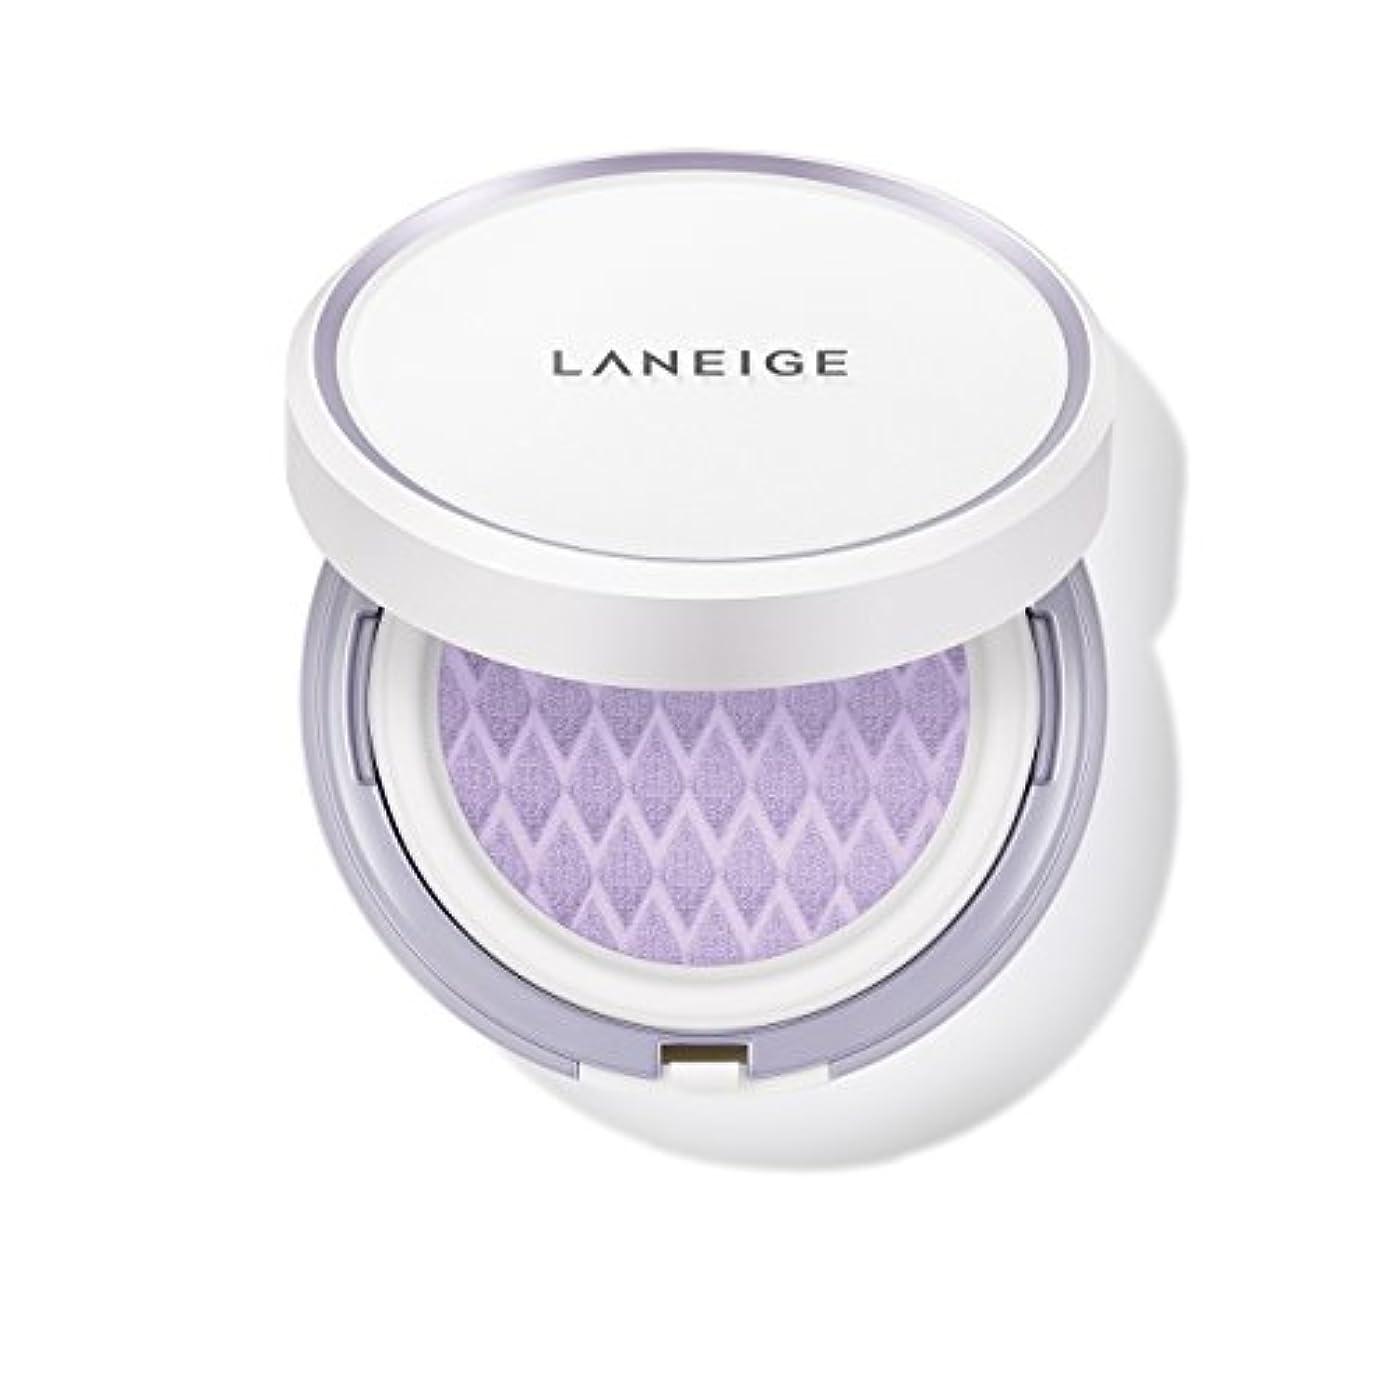 悩み潮追加するラネージュ[LANEIGE]*AMOREPACIFIC*[新商品]スキンベなベースクッションSPF 22PA++(#40 Light Purple) 15g*2 / LANEIGE Skin Veil Base Cushion...